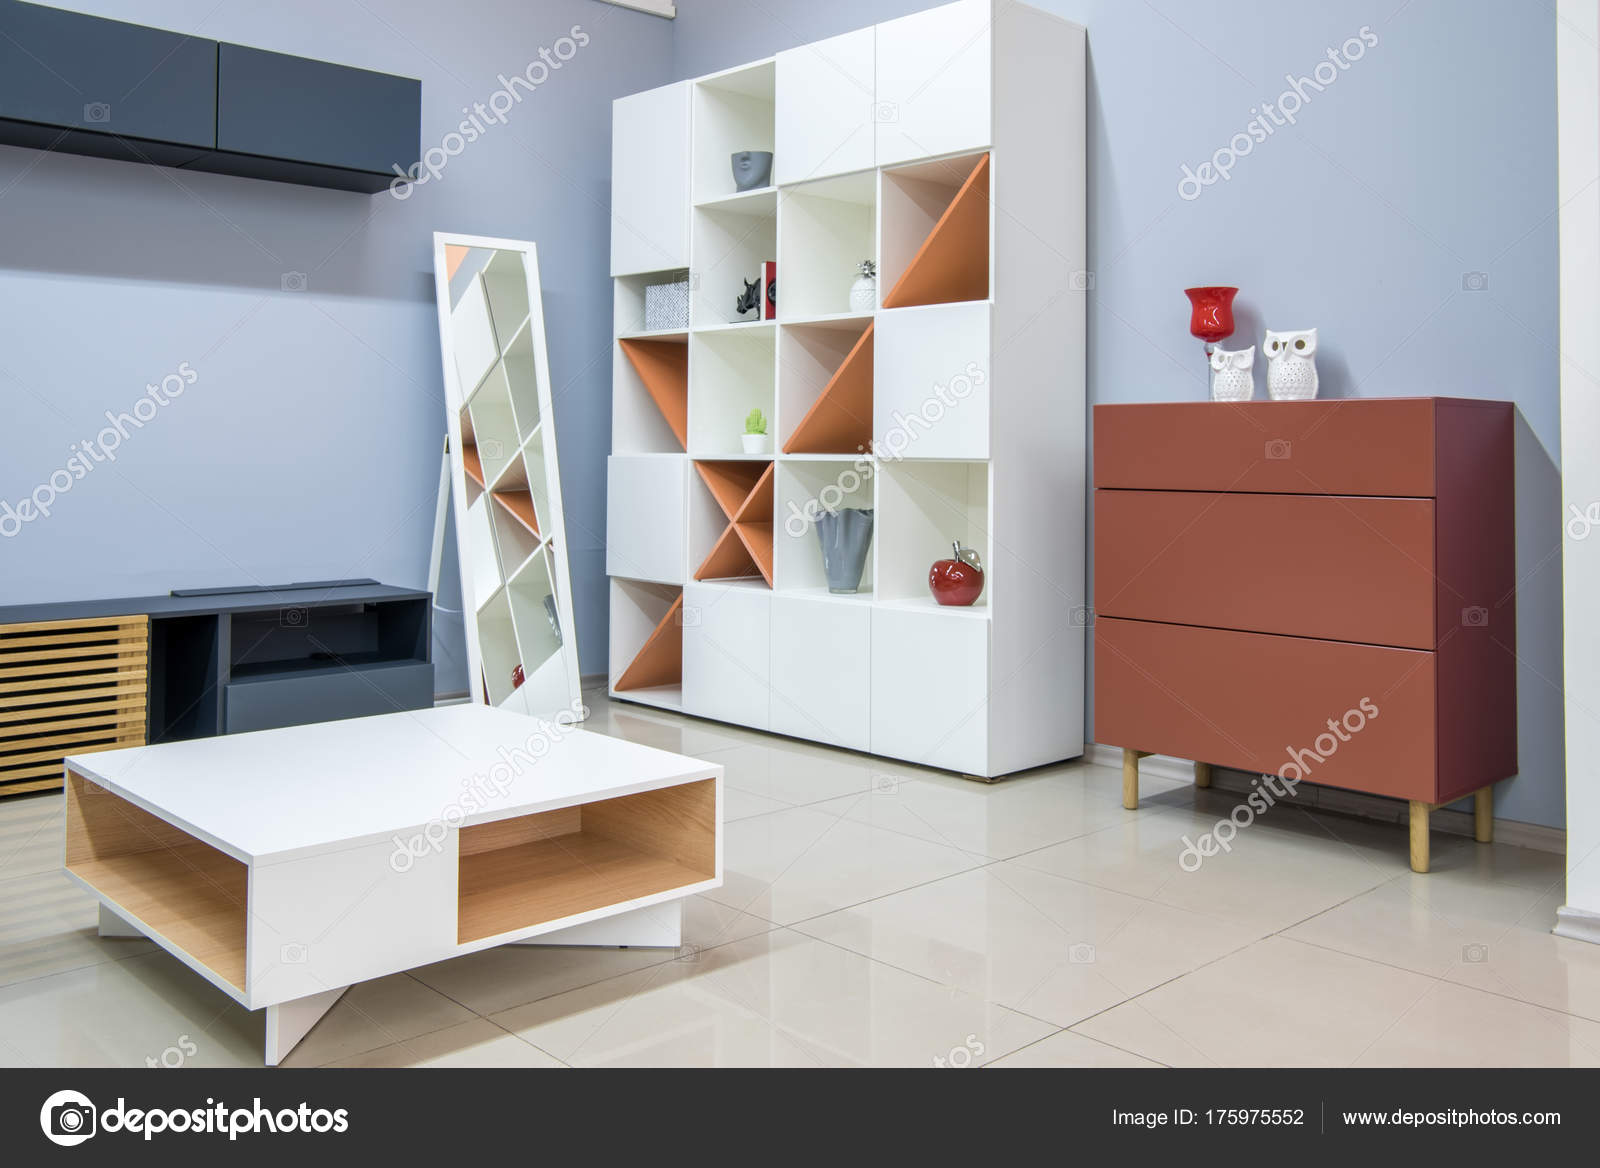 Moderne Wohnzimmer Einrichtung Mit Möbel Stockfoto Vitalikradko